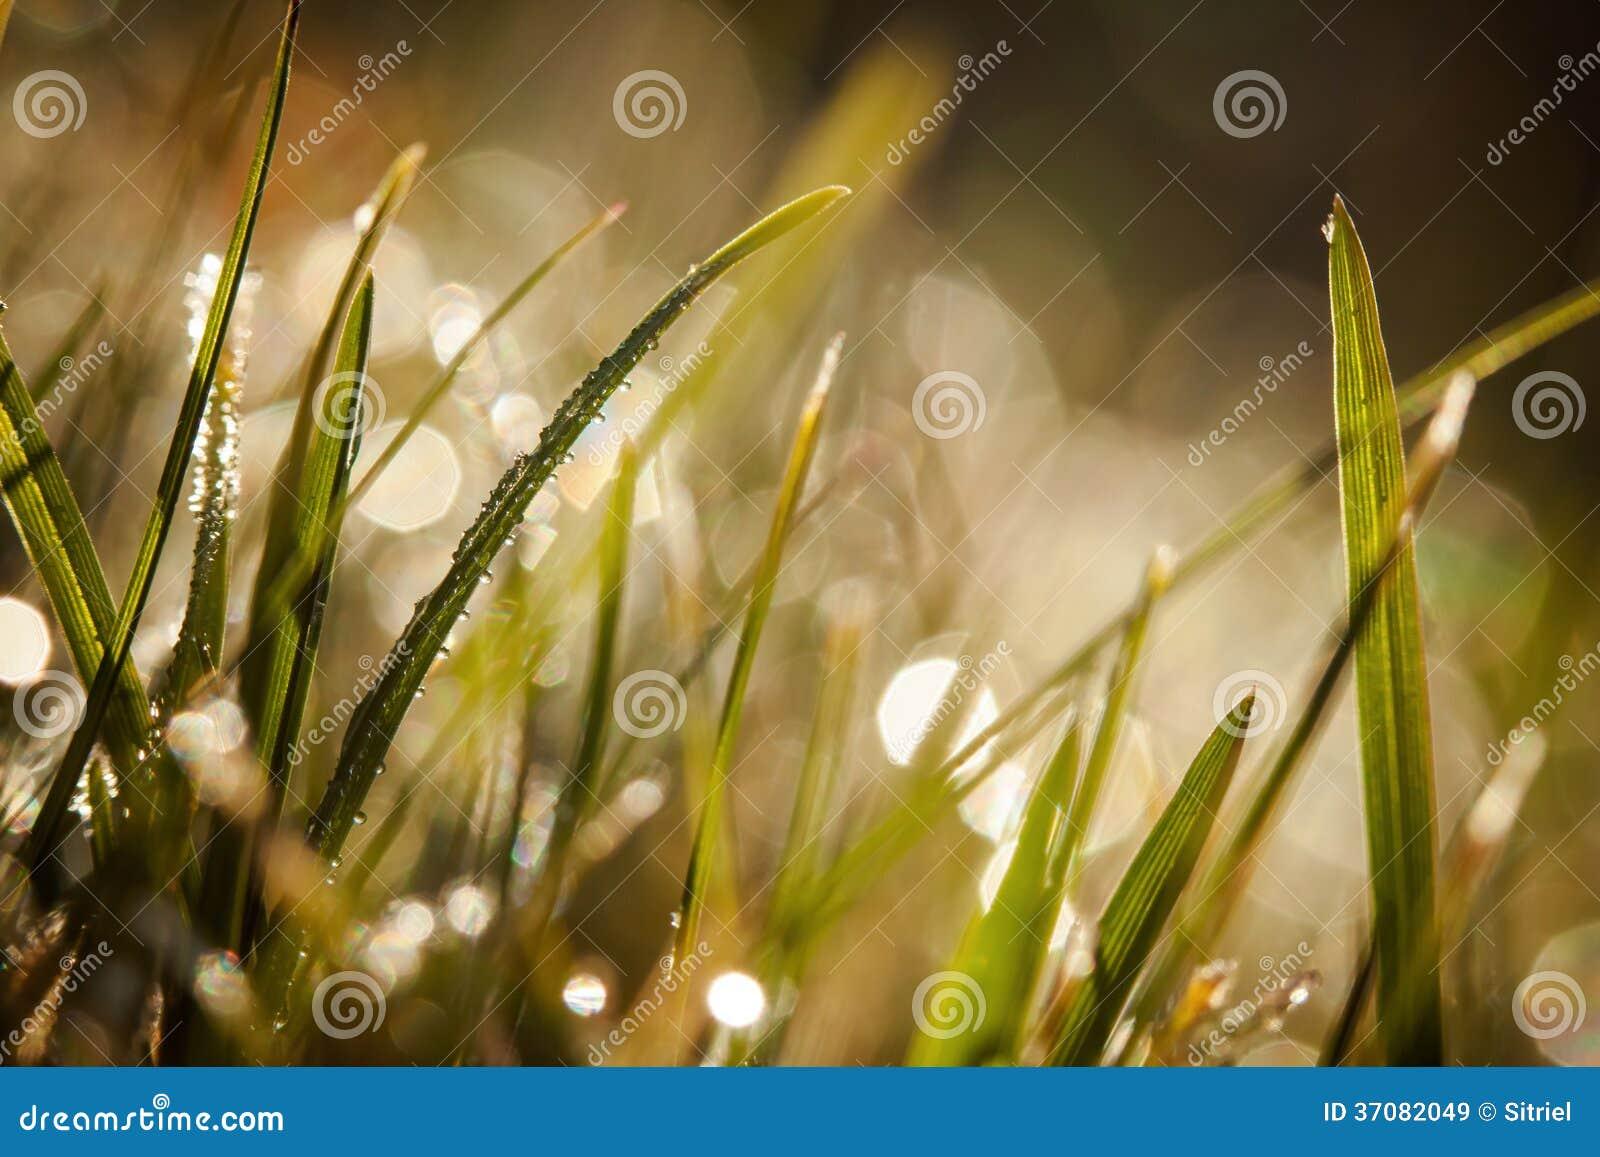 Download Zbliżenie waterdrops obraz stock. Obraz złożonej z trawy - 37082049